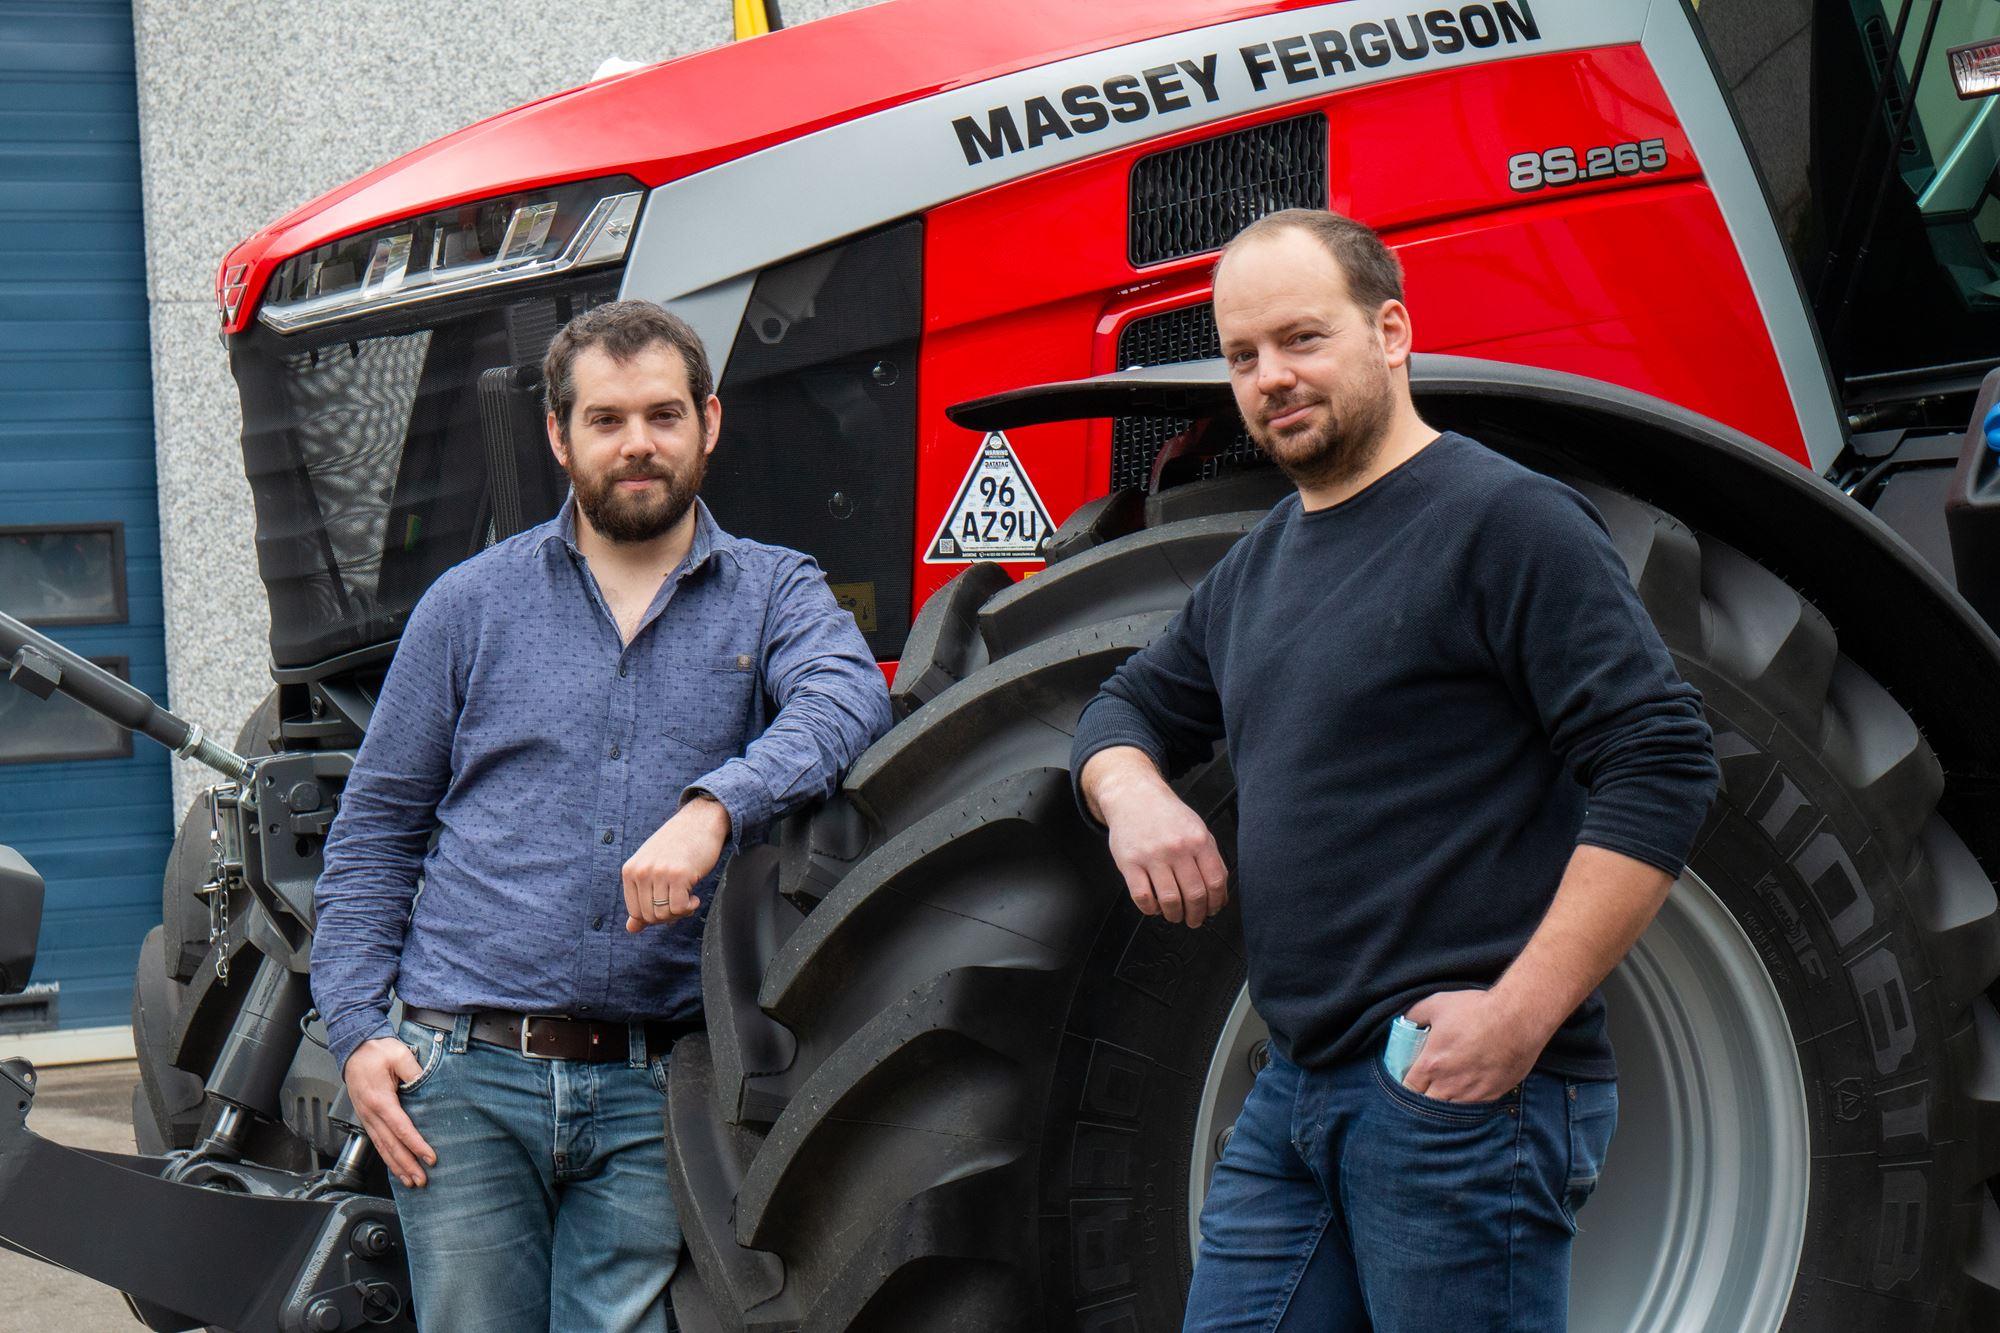 Matermaco en Massey Ferguson zetten in op de toekomst.